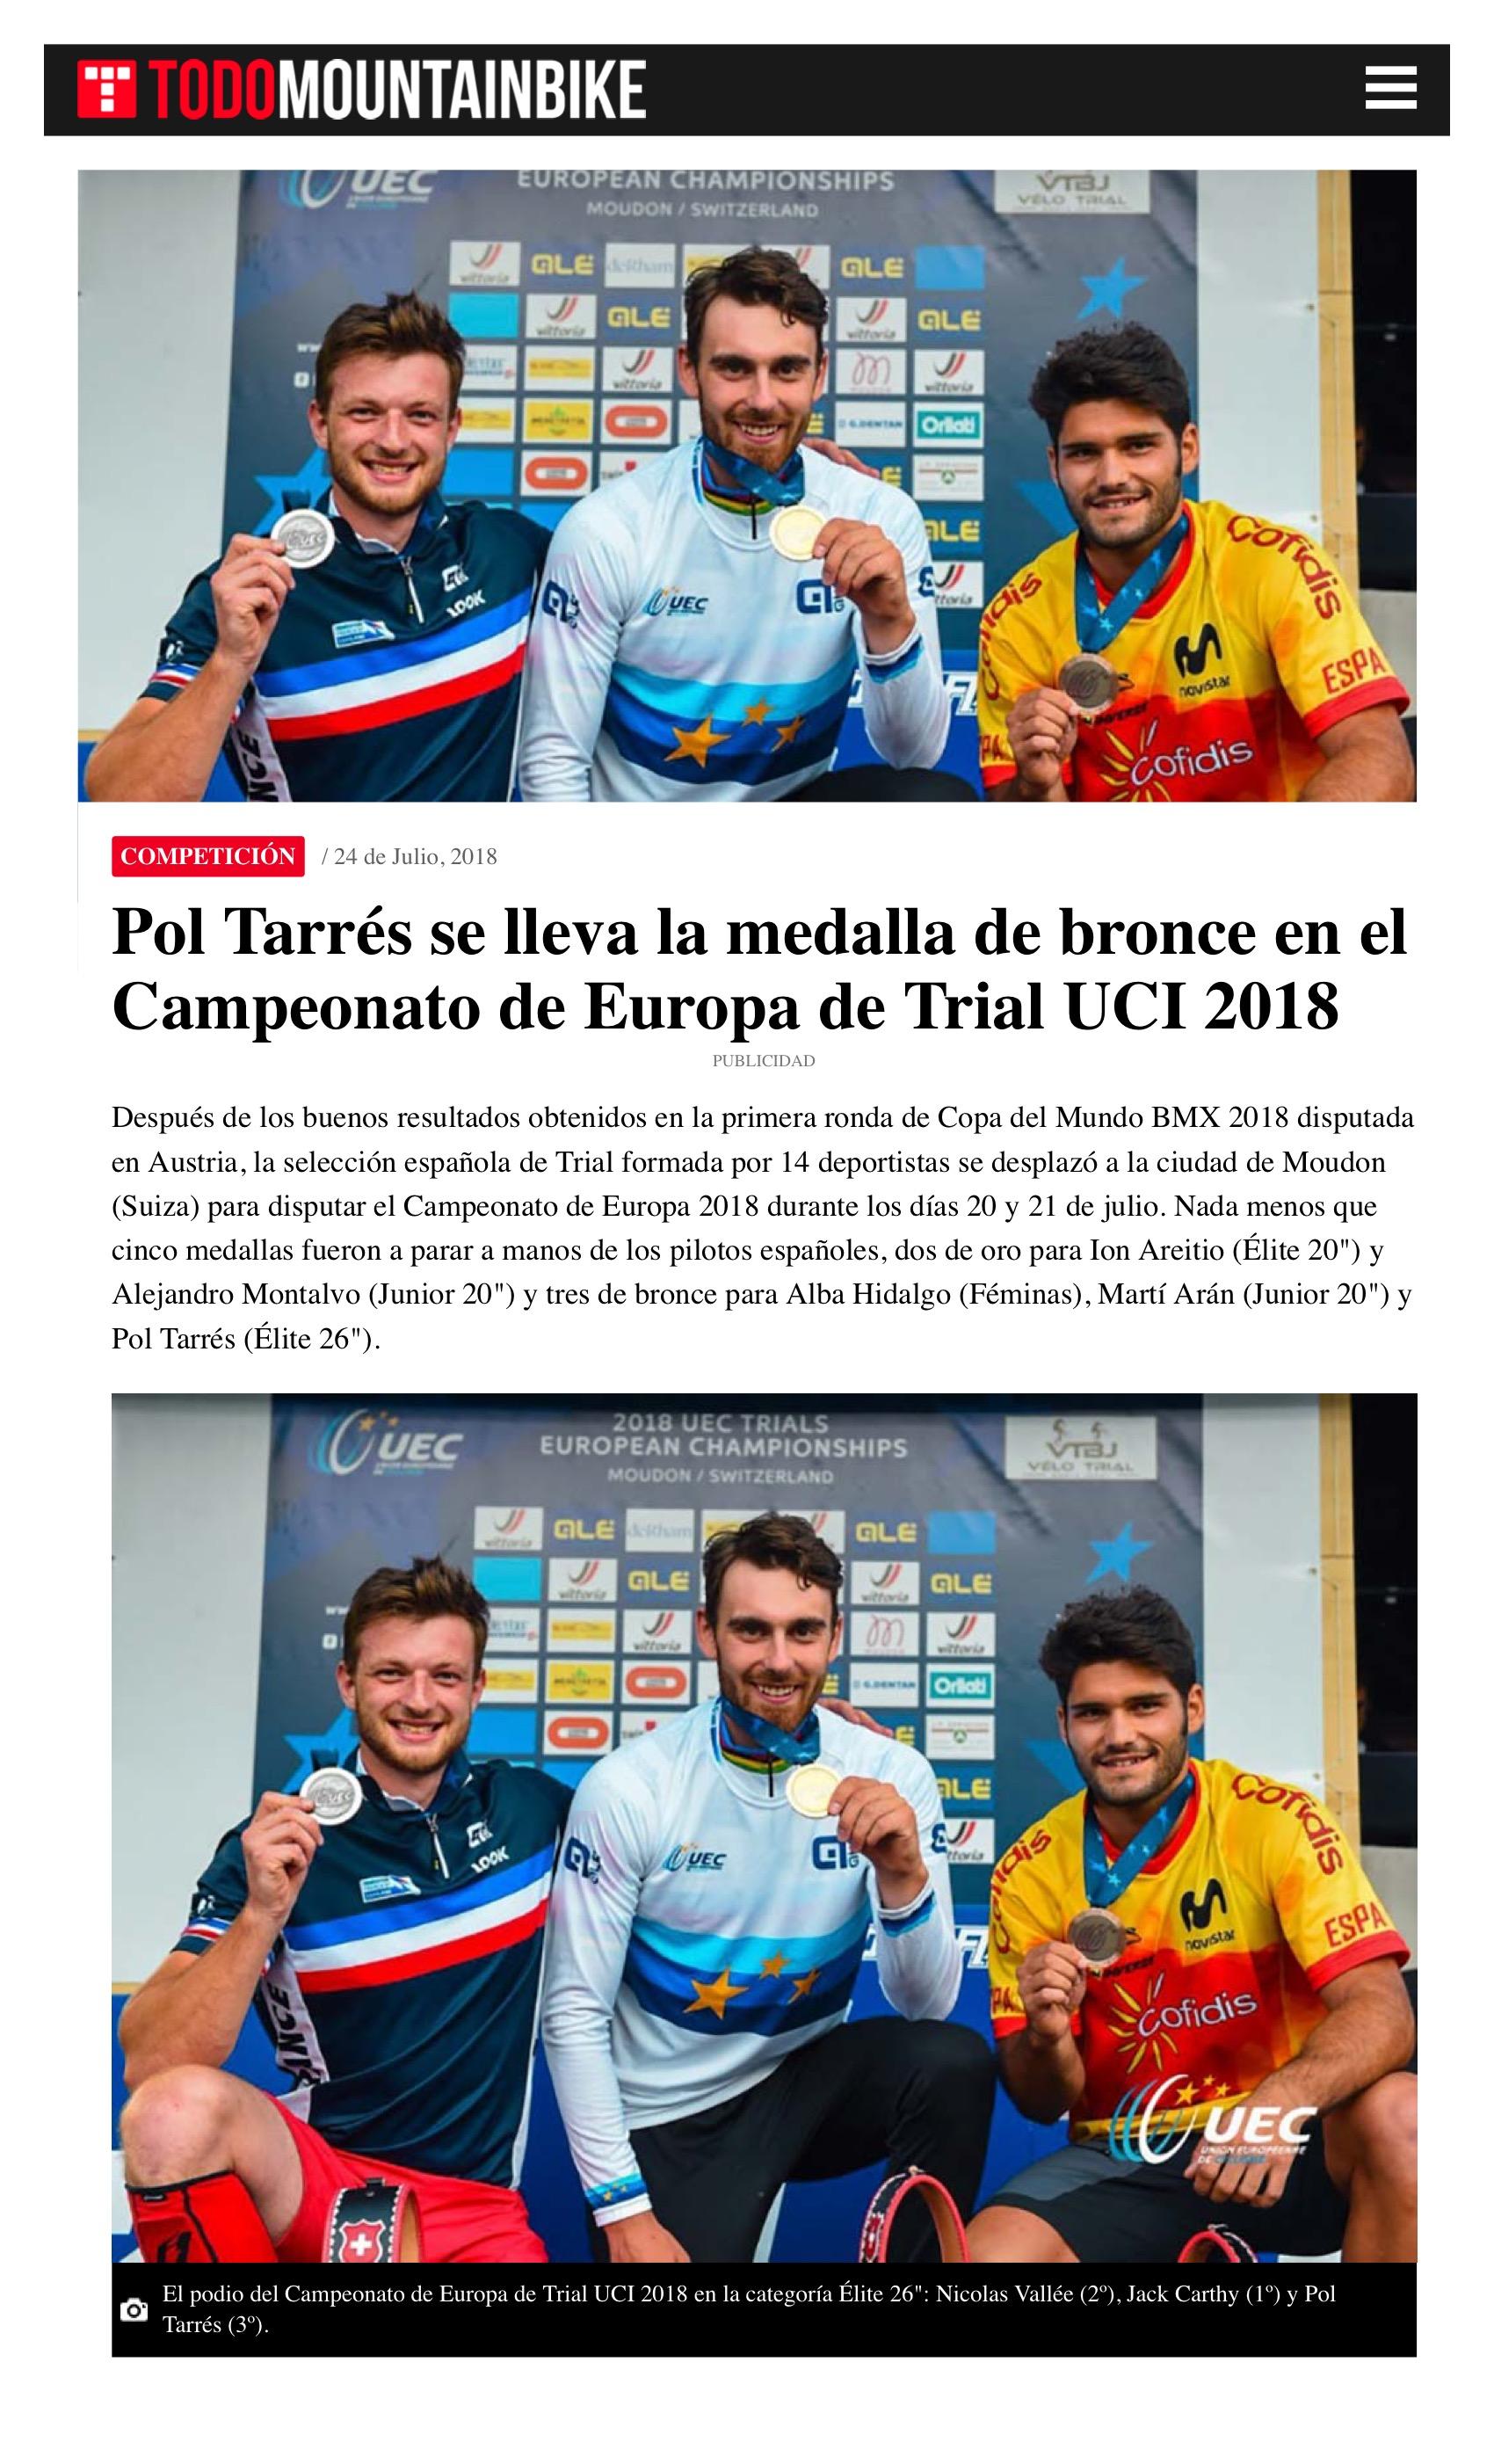 2018-7-28 Pol Tarrés se lleva la medalla de bronce en el Campeonato de Europa de Trial UCI 2018 5.jpeg